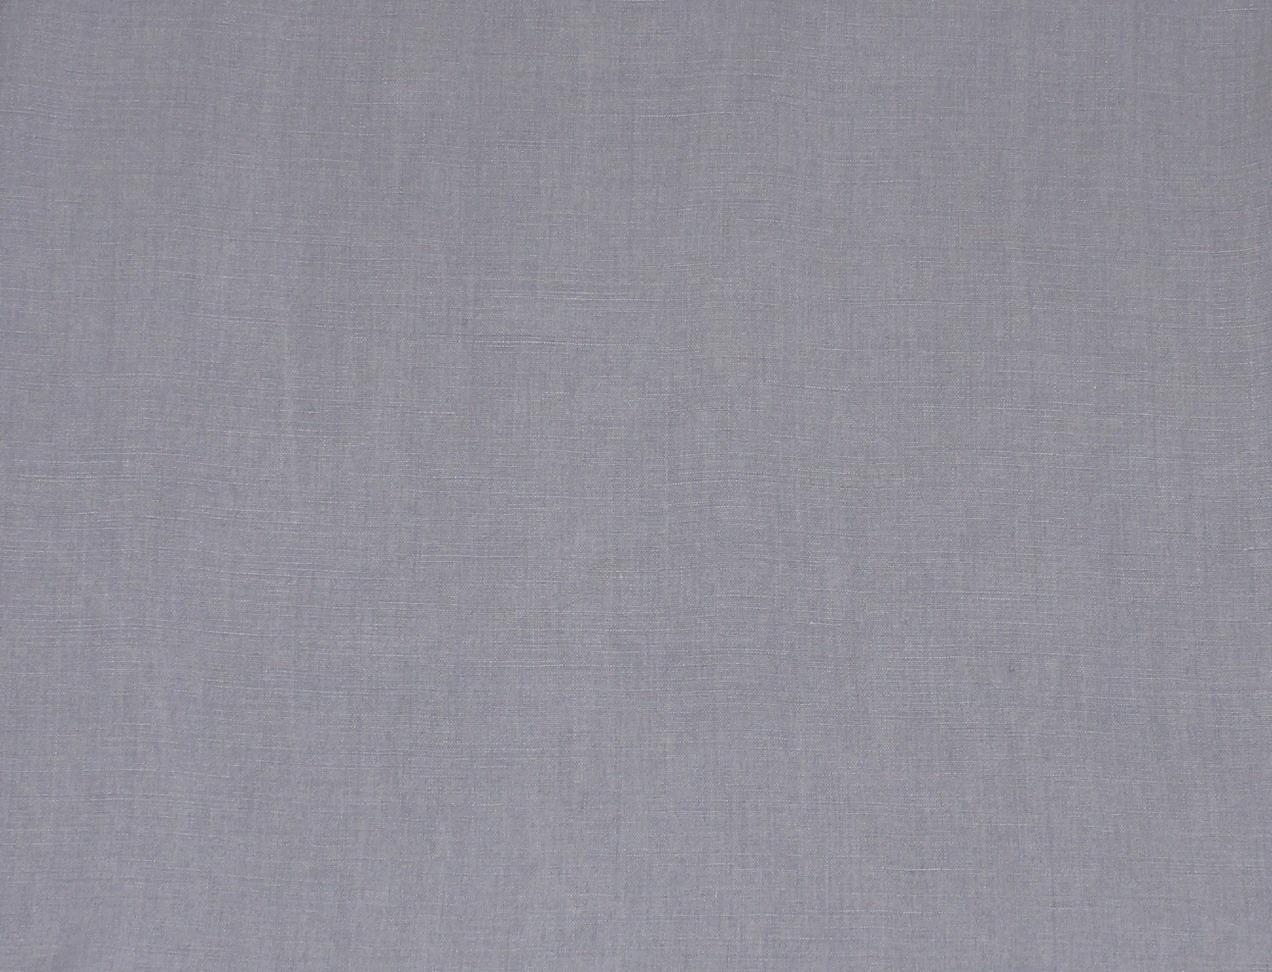 CORTONA Lavender